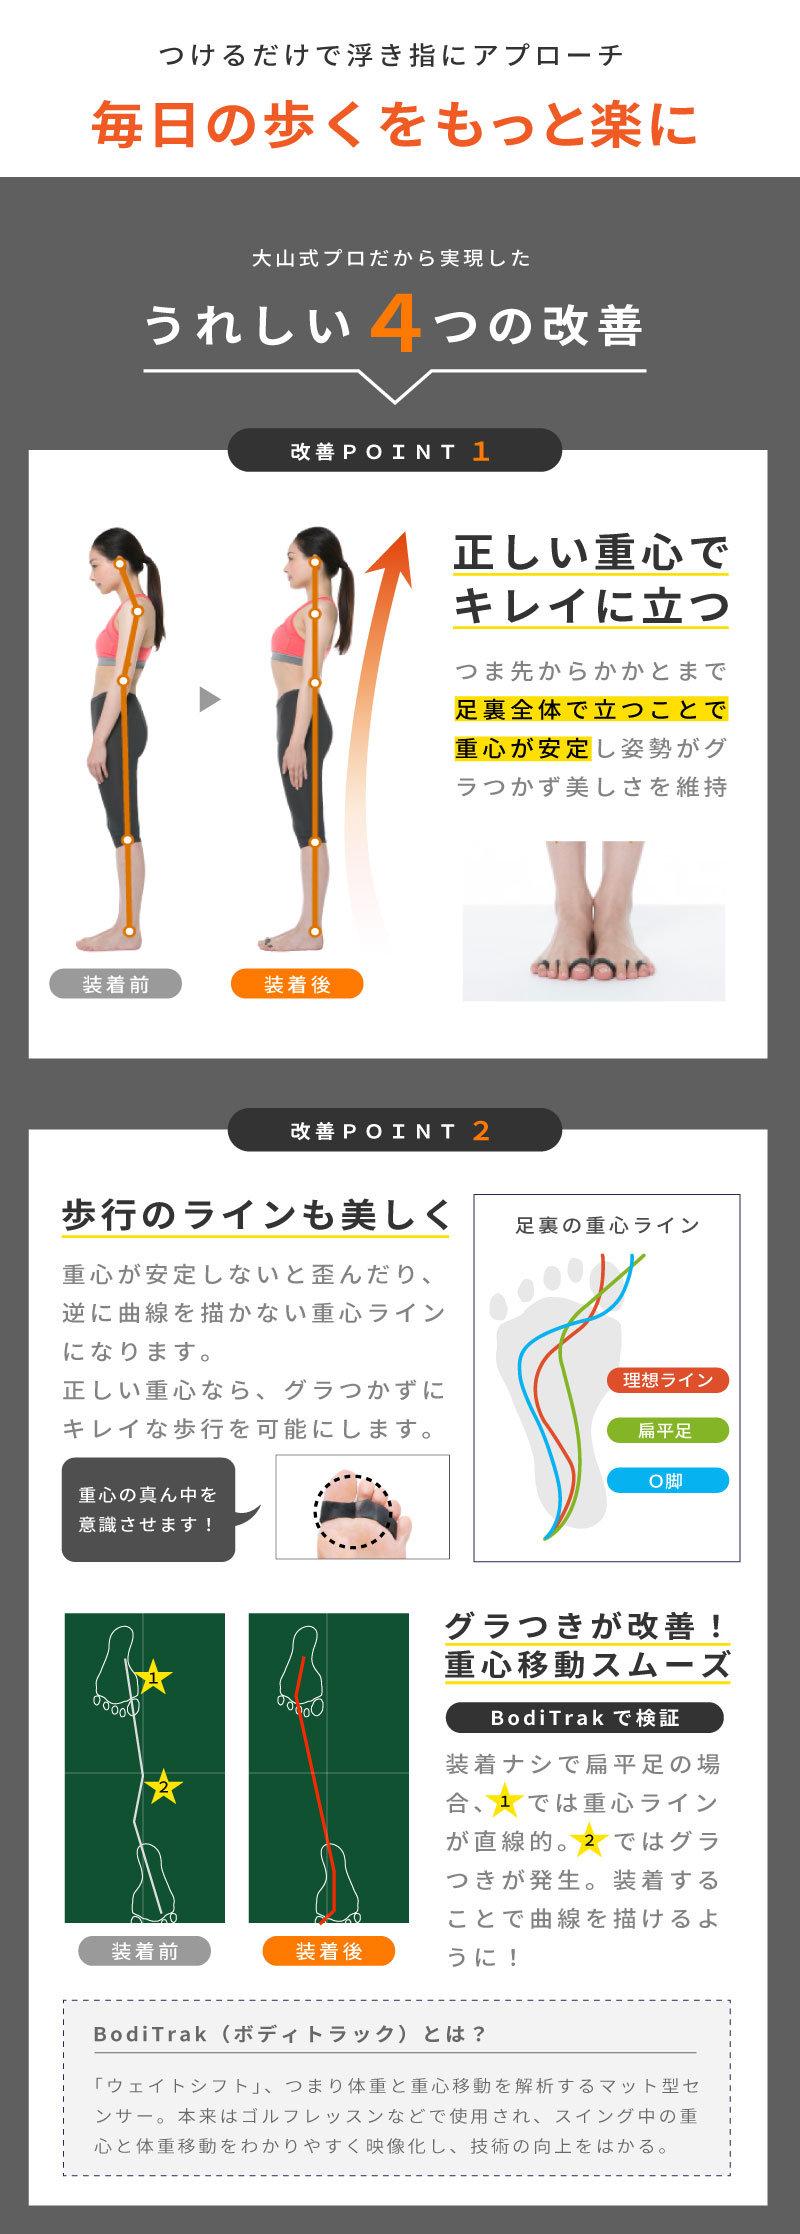 大山式プロ!歩くだけの姿勢矯正足指パッド